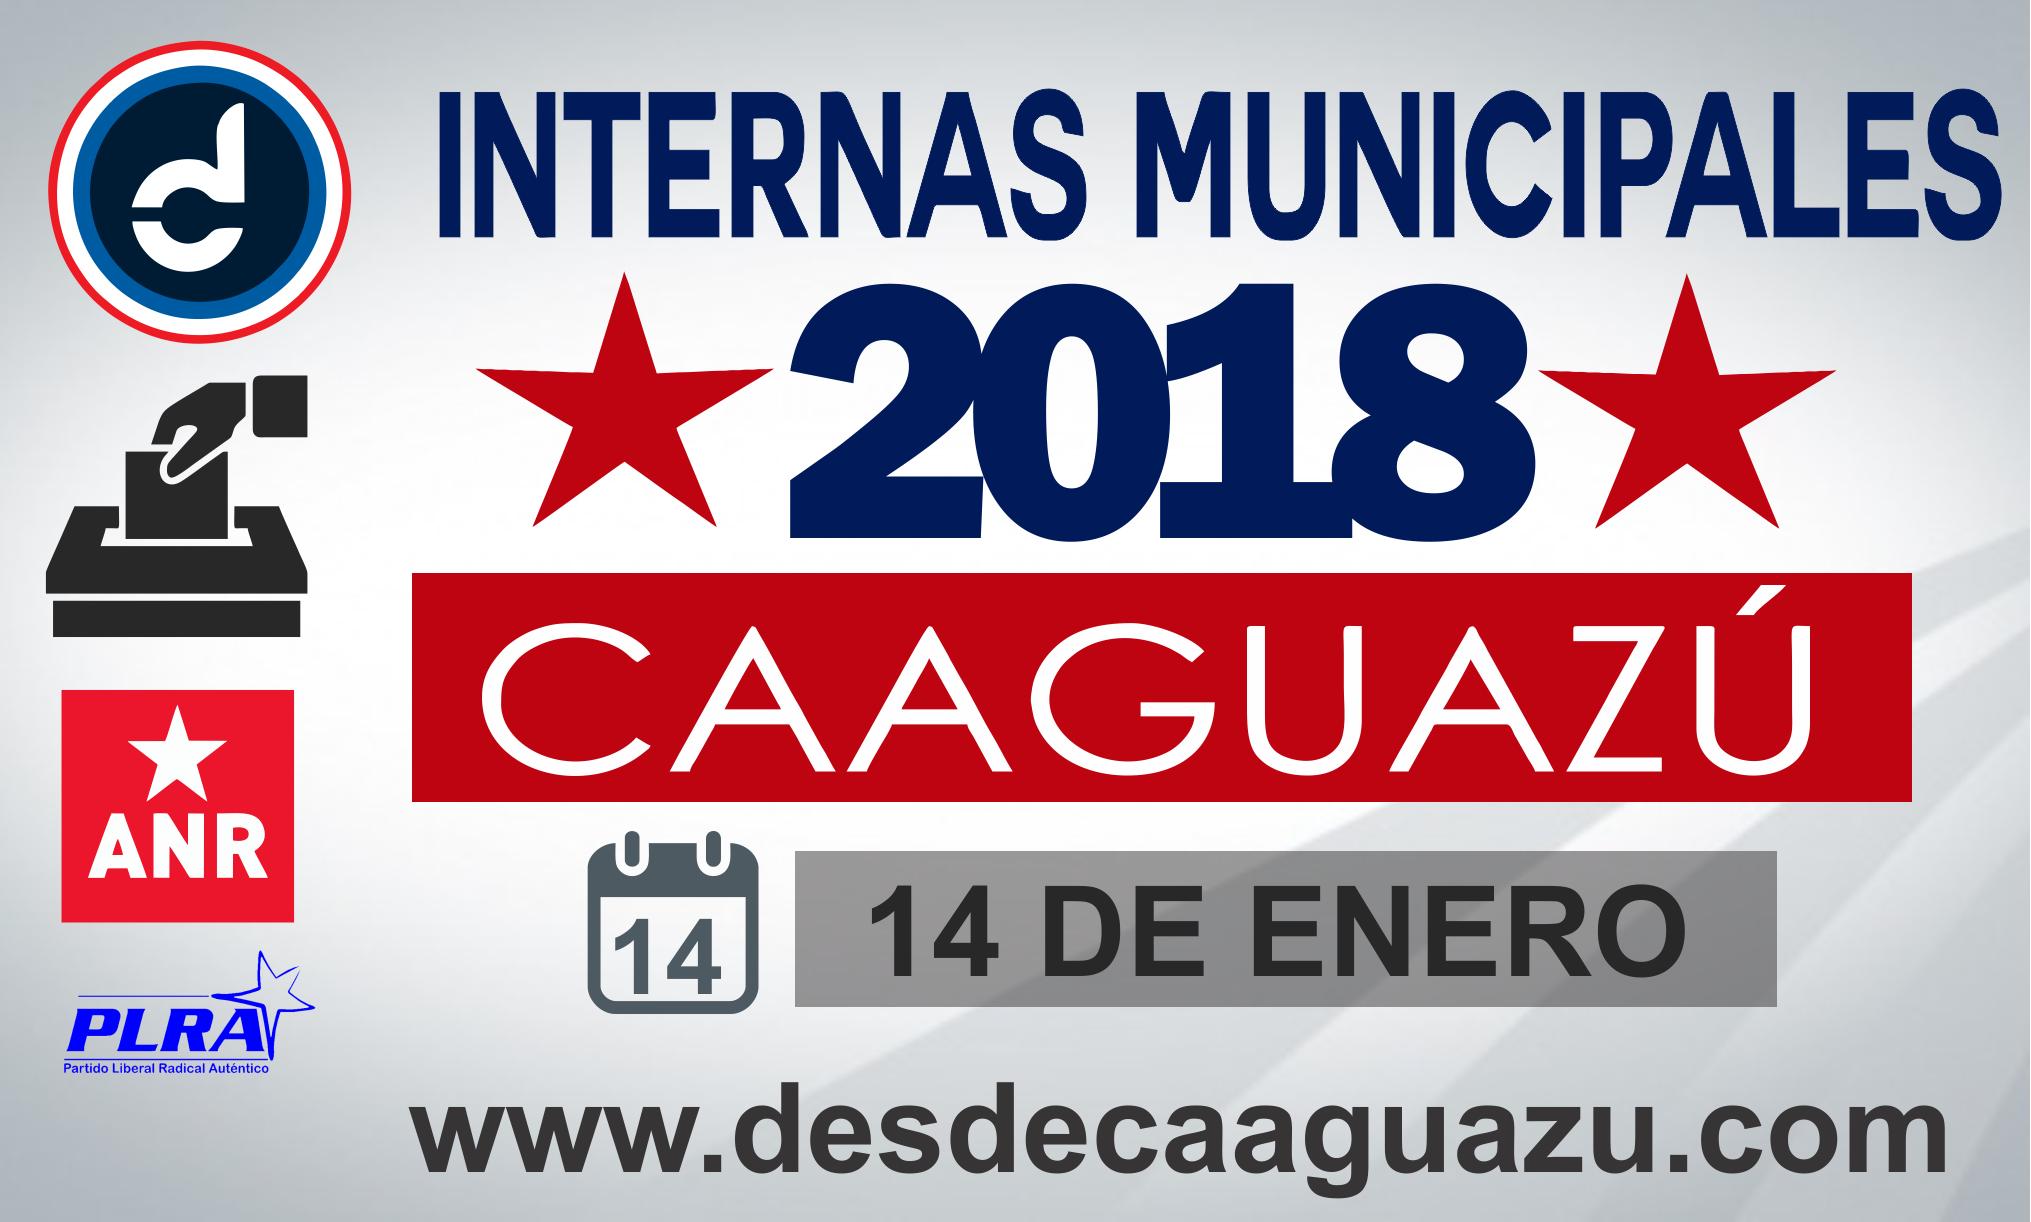 Alistan internas municipales para este domingo en Caaguazú